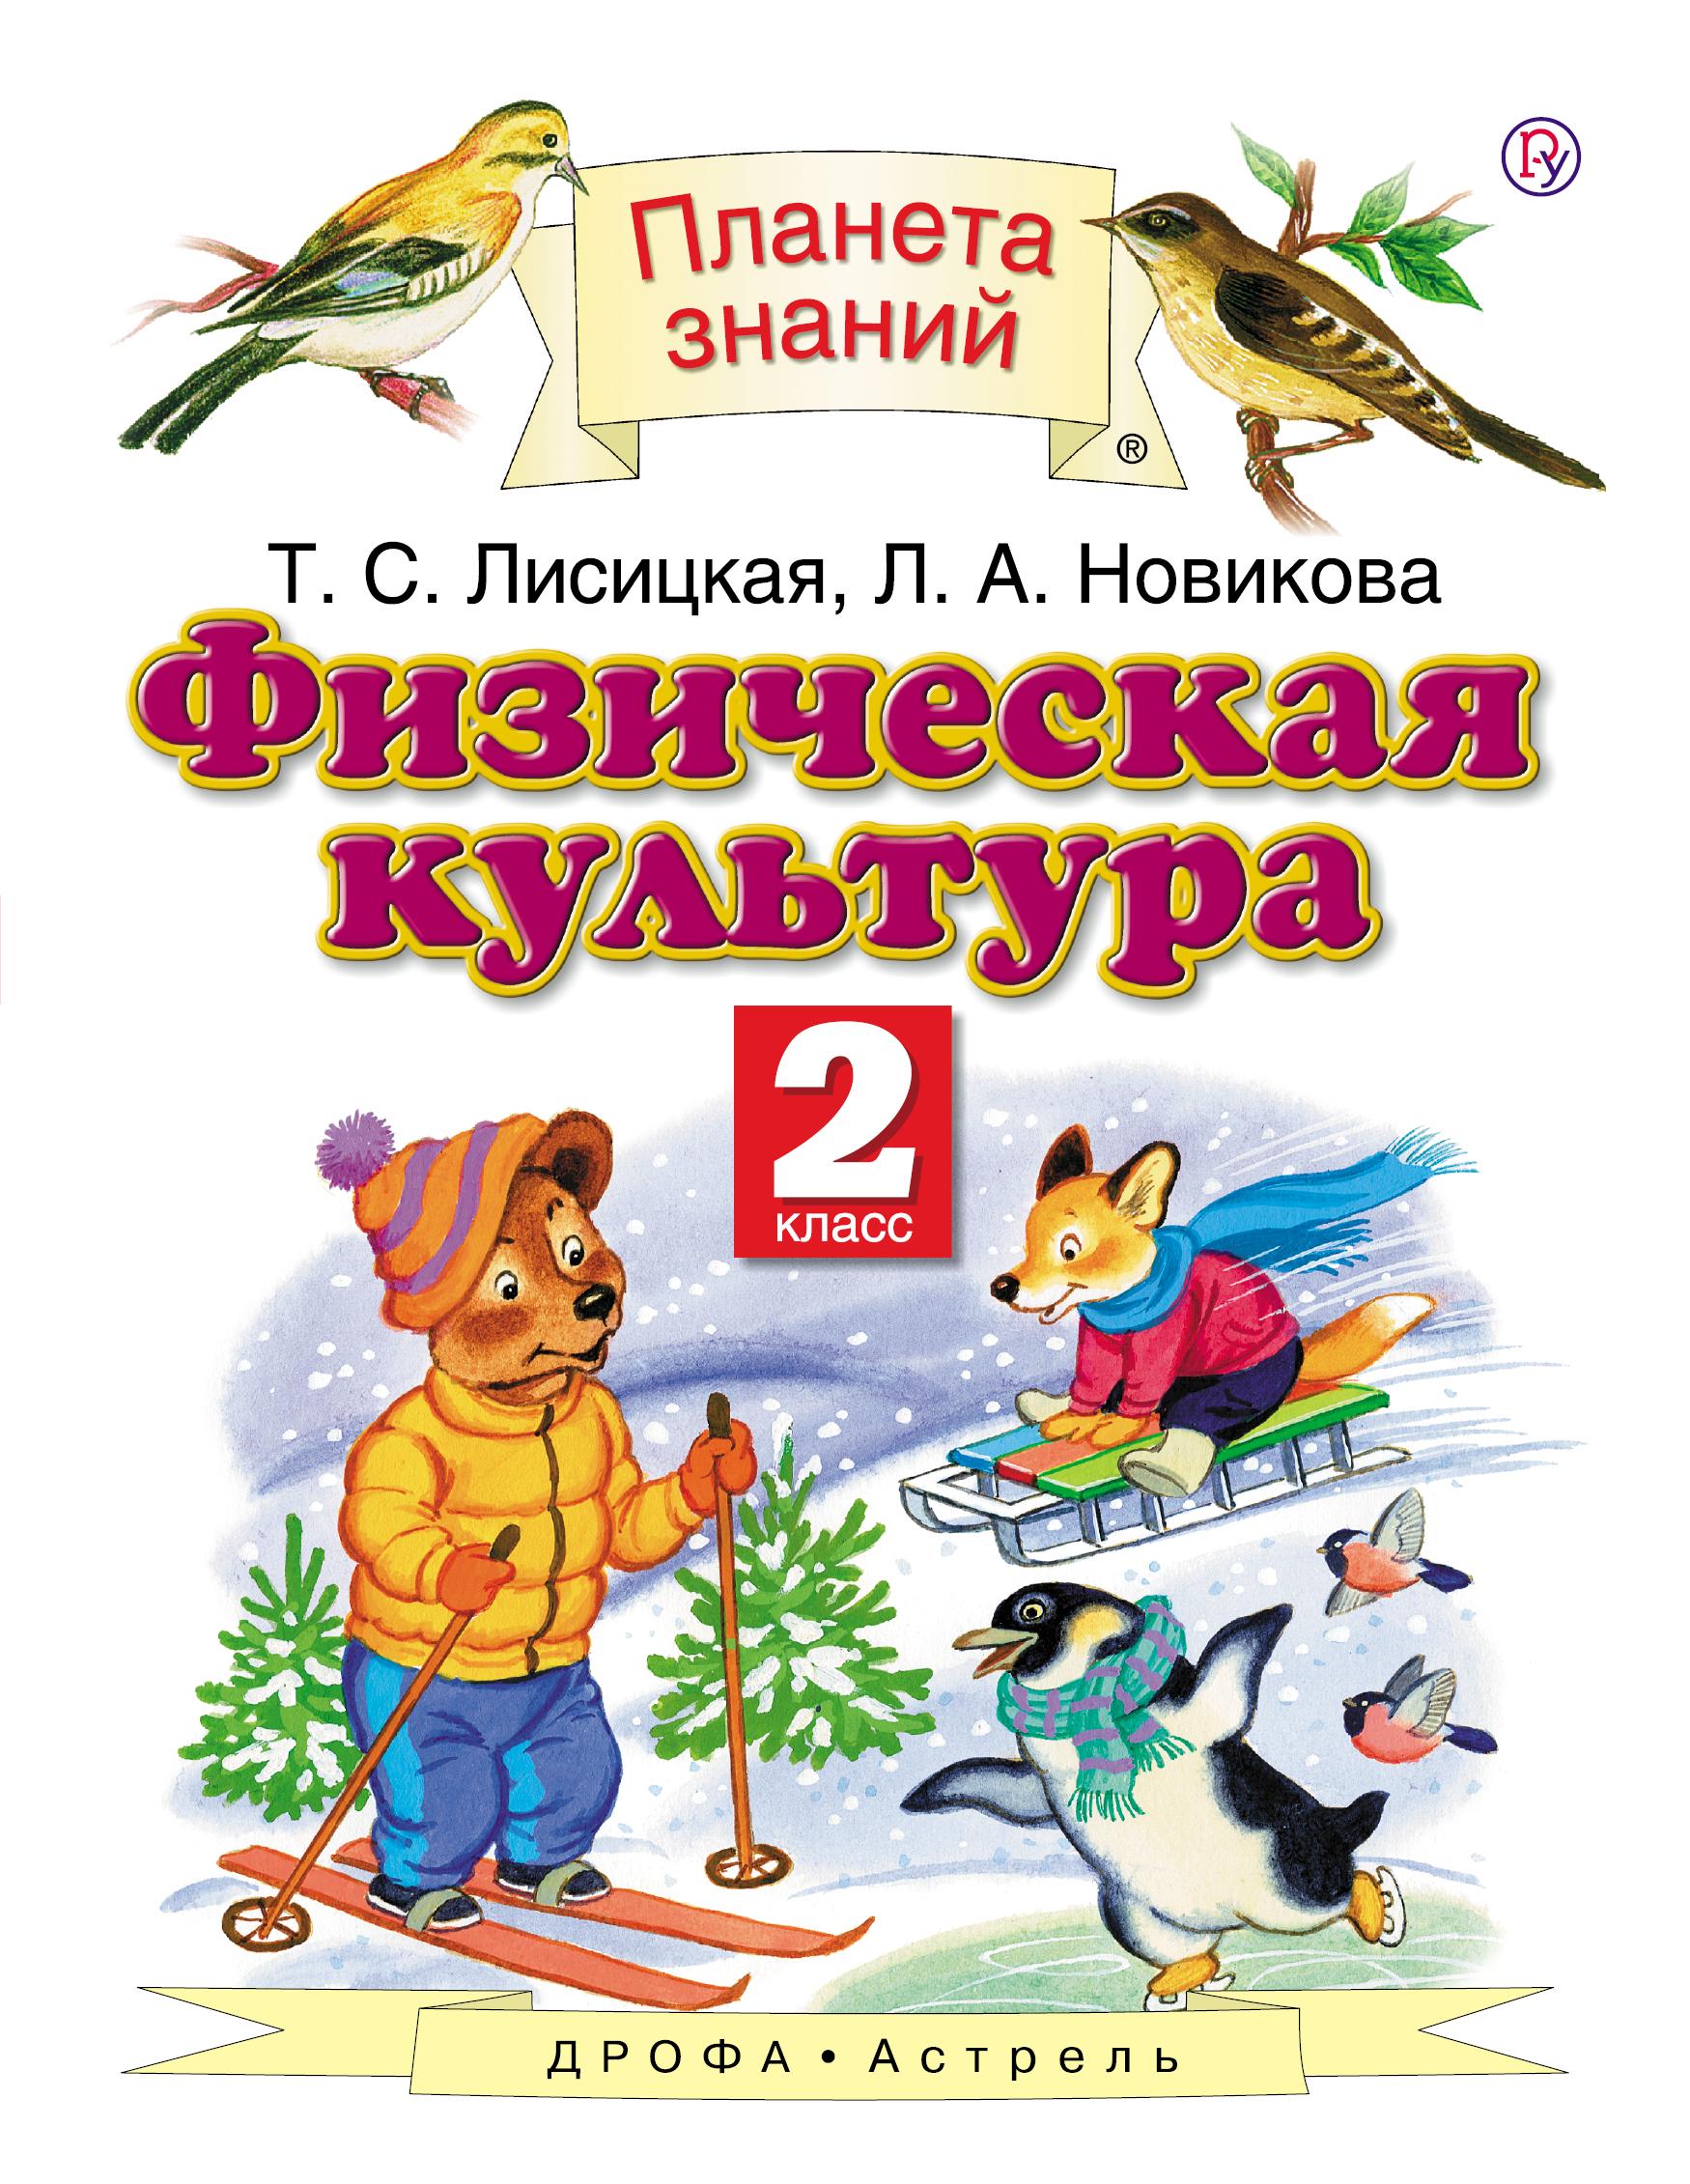 Т. С. Лисицкая, Л. А. Новикова Физическая культура. 2 класс ISBN: 978-5-358-19105-1